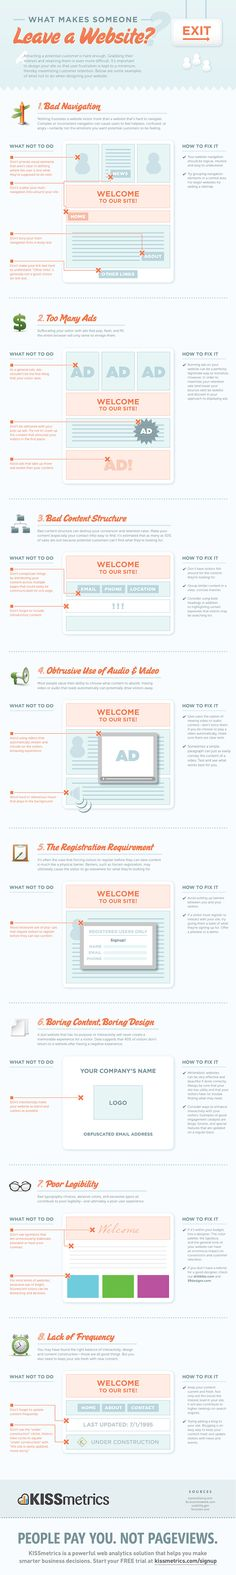 Infographie du site web presque parfait - #Arobasenet / Perfect website infographic